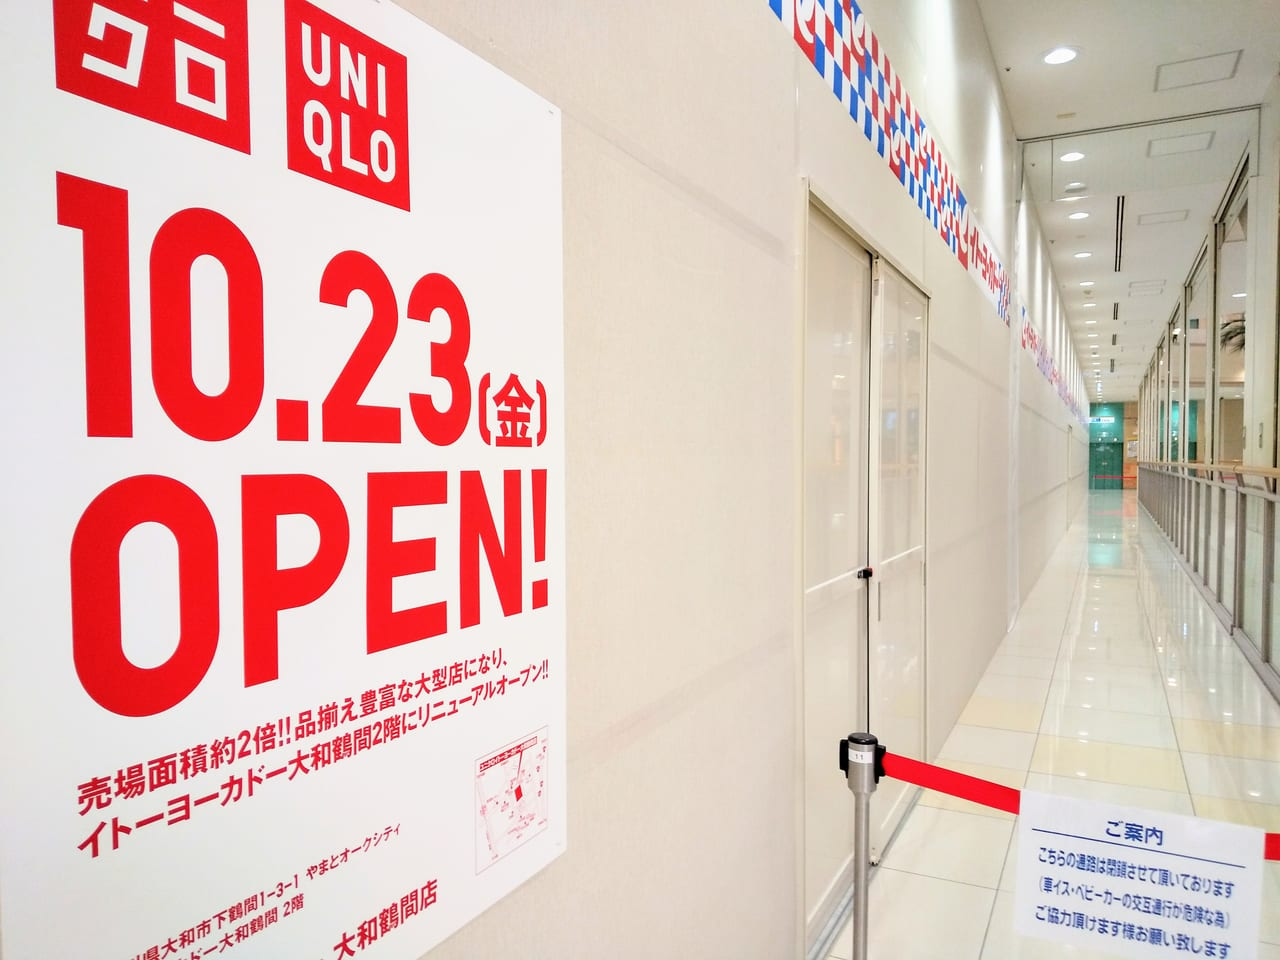 リニューアルオープン準備中のイトーヨーカドー大和鶴間店のユニクロ